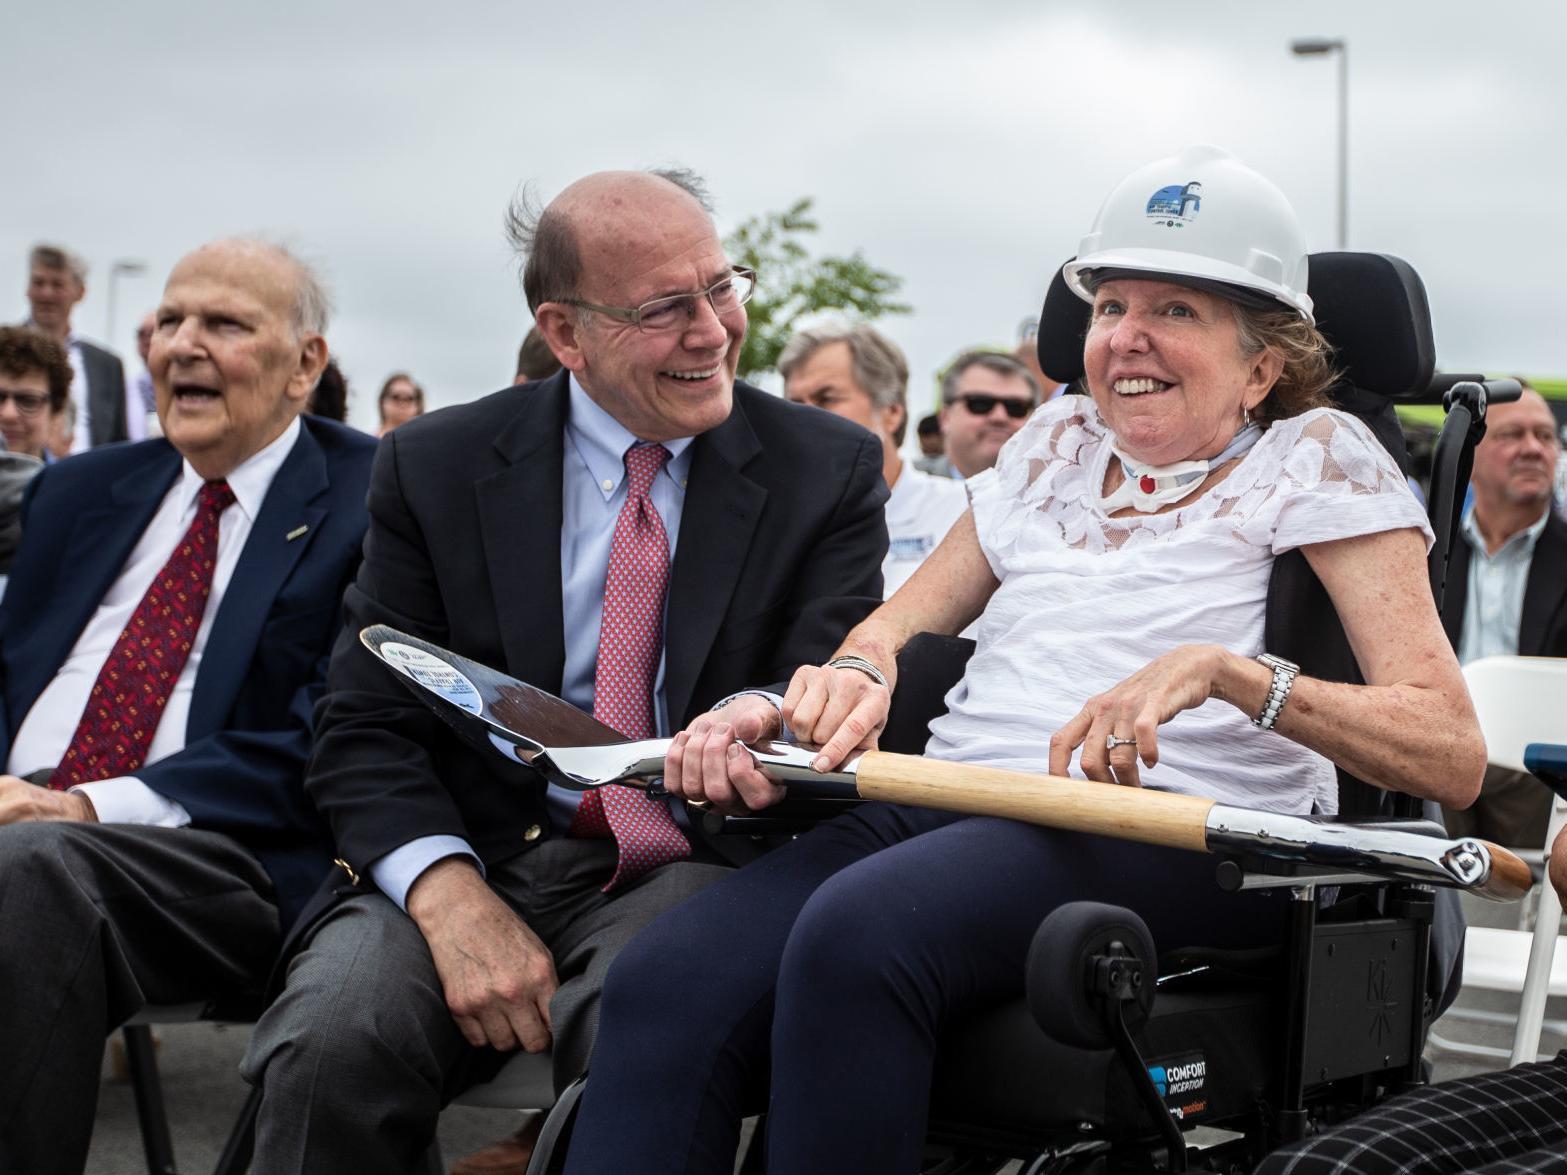 Former U.S. Sen. Kay Hagan makes rare public appearance at ...